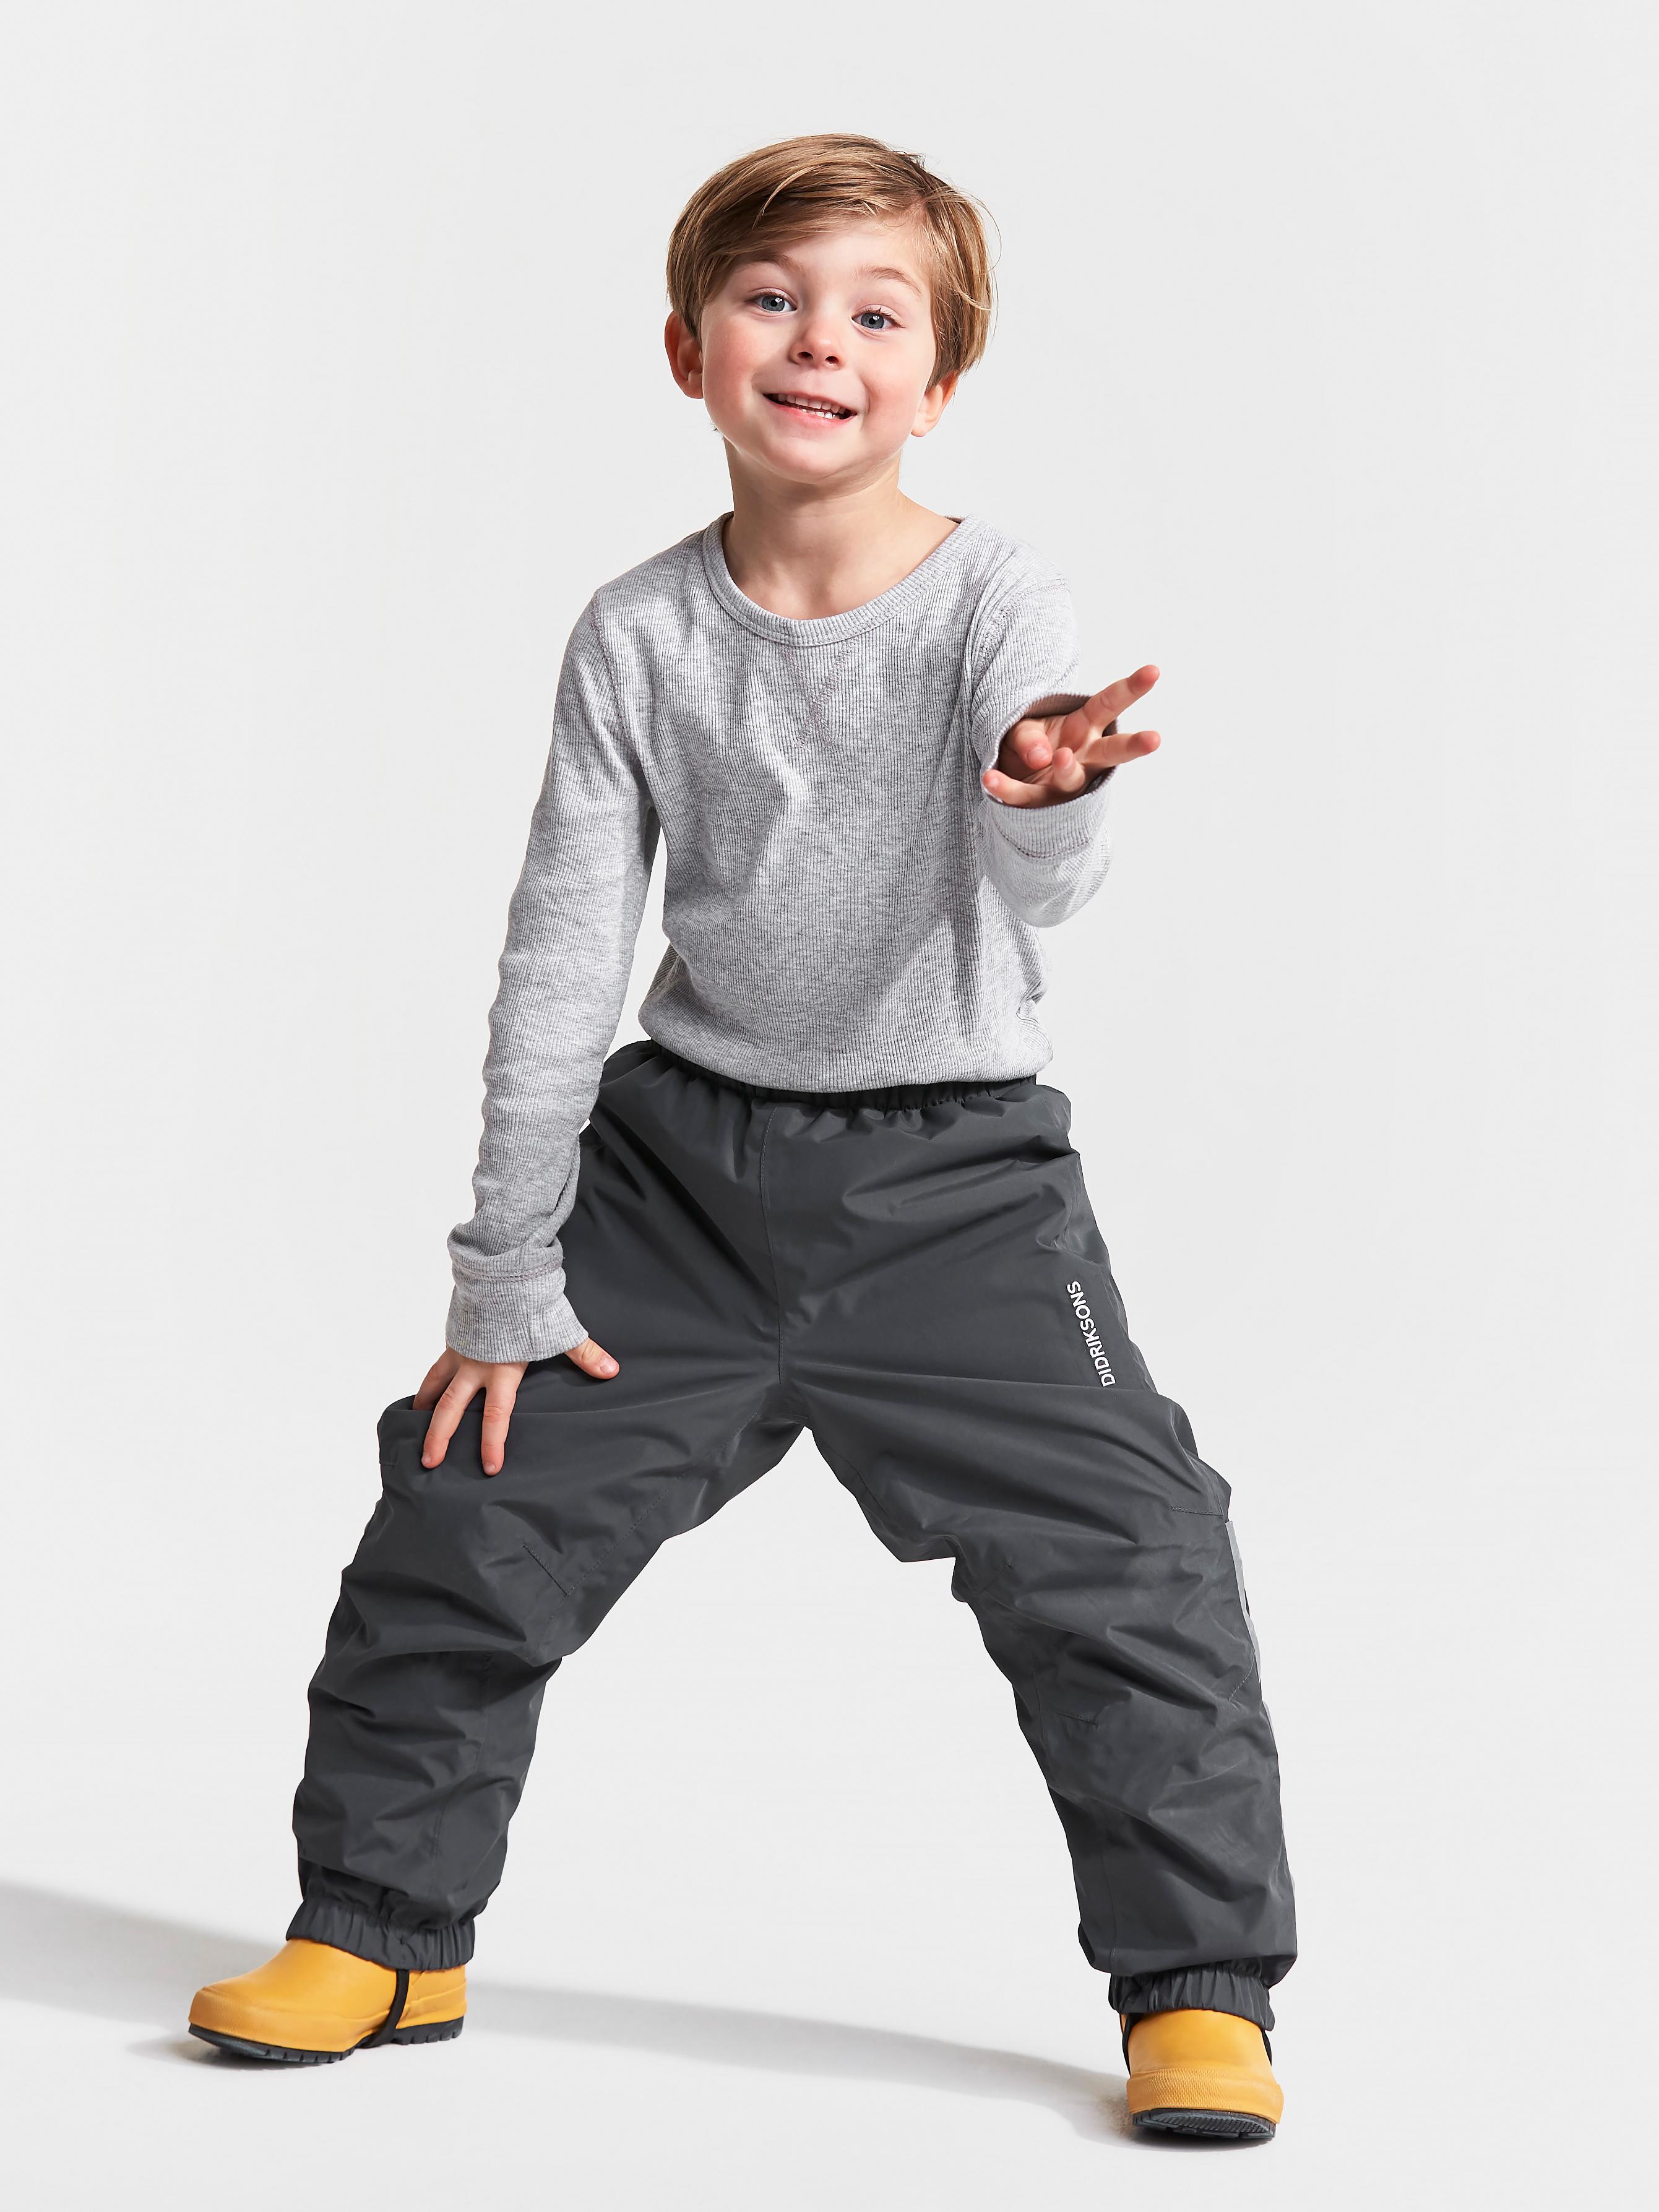 Ekologické oblečení od značky Didriksons ze Švédska